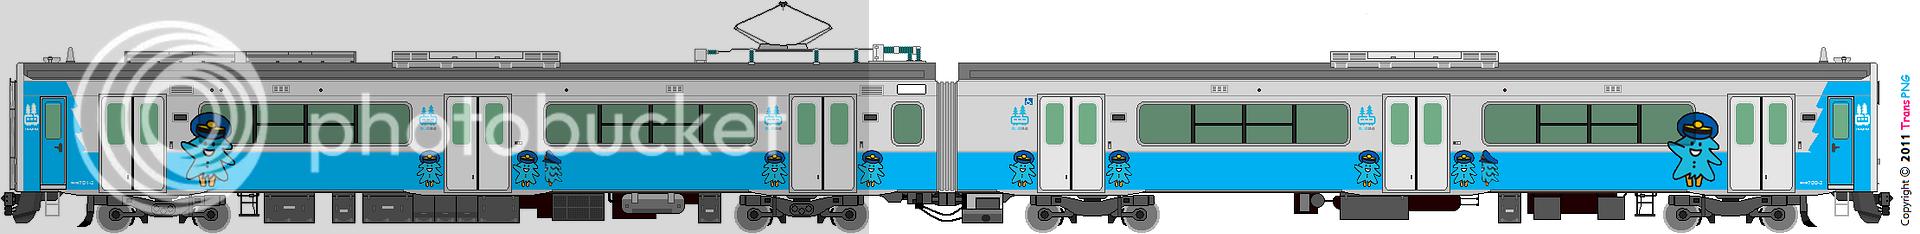 鐵路列車 2275